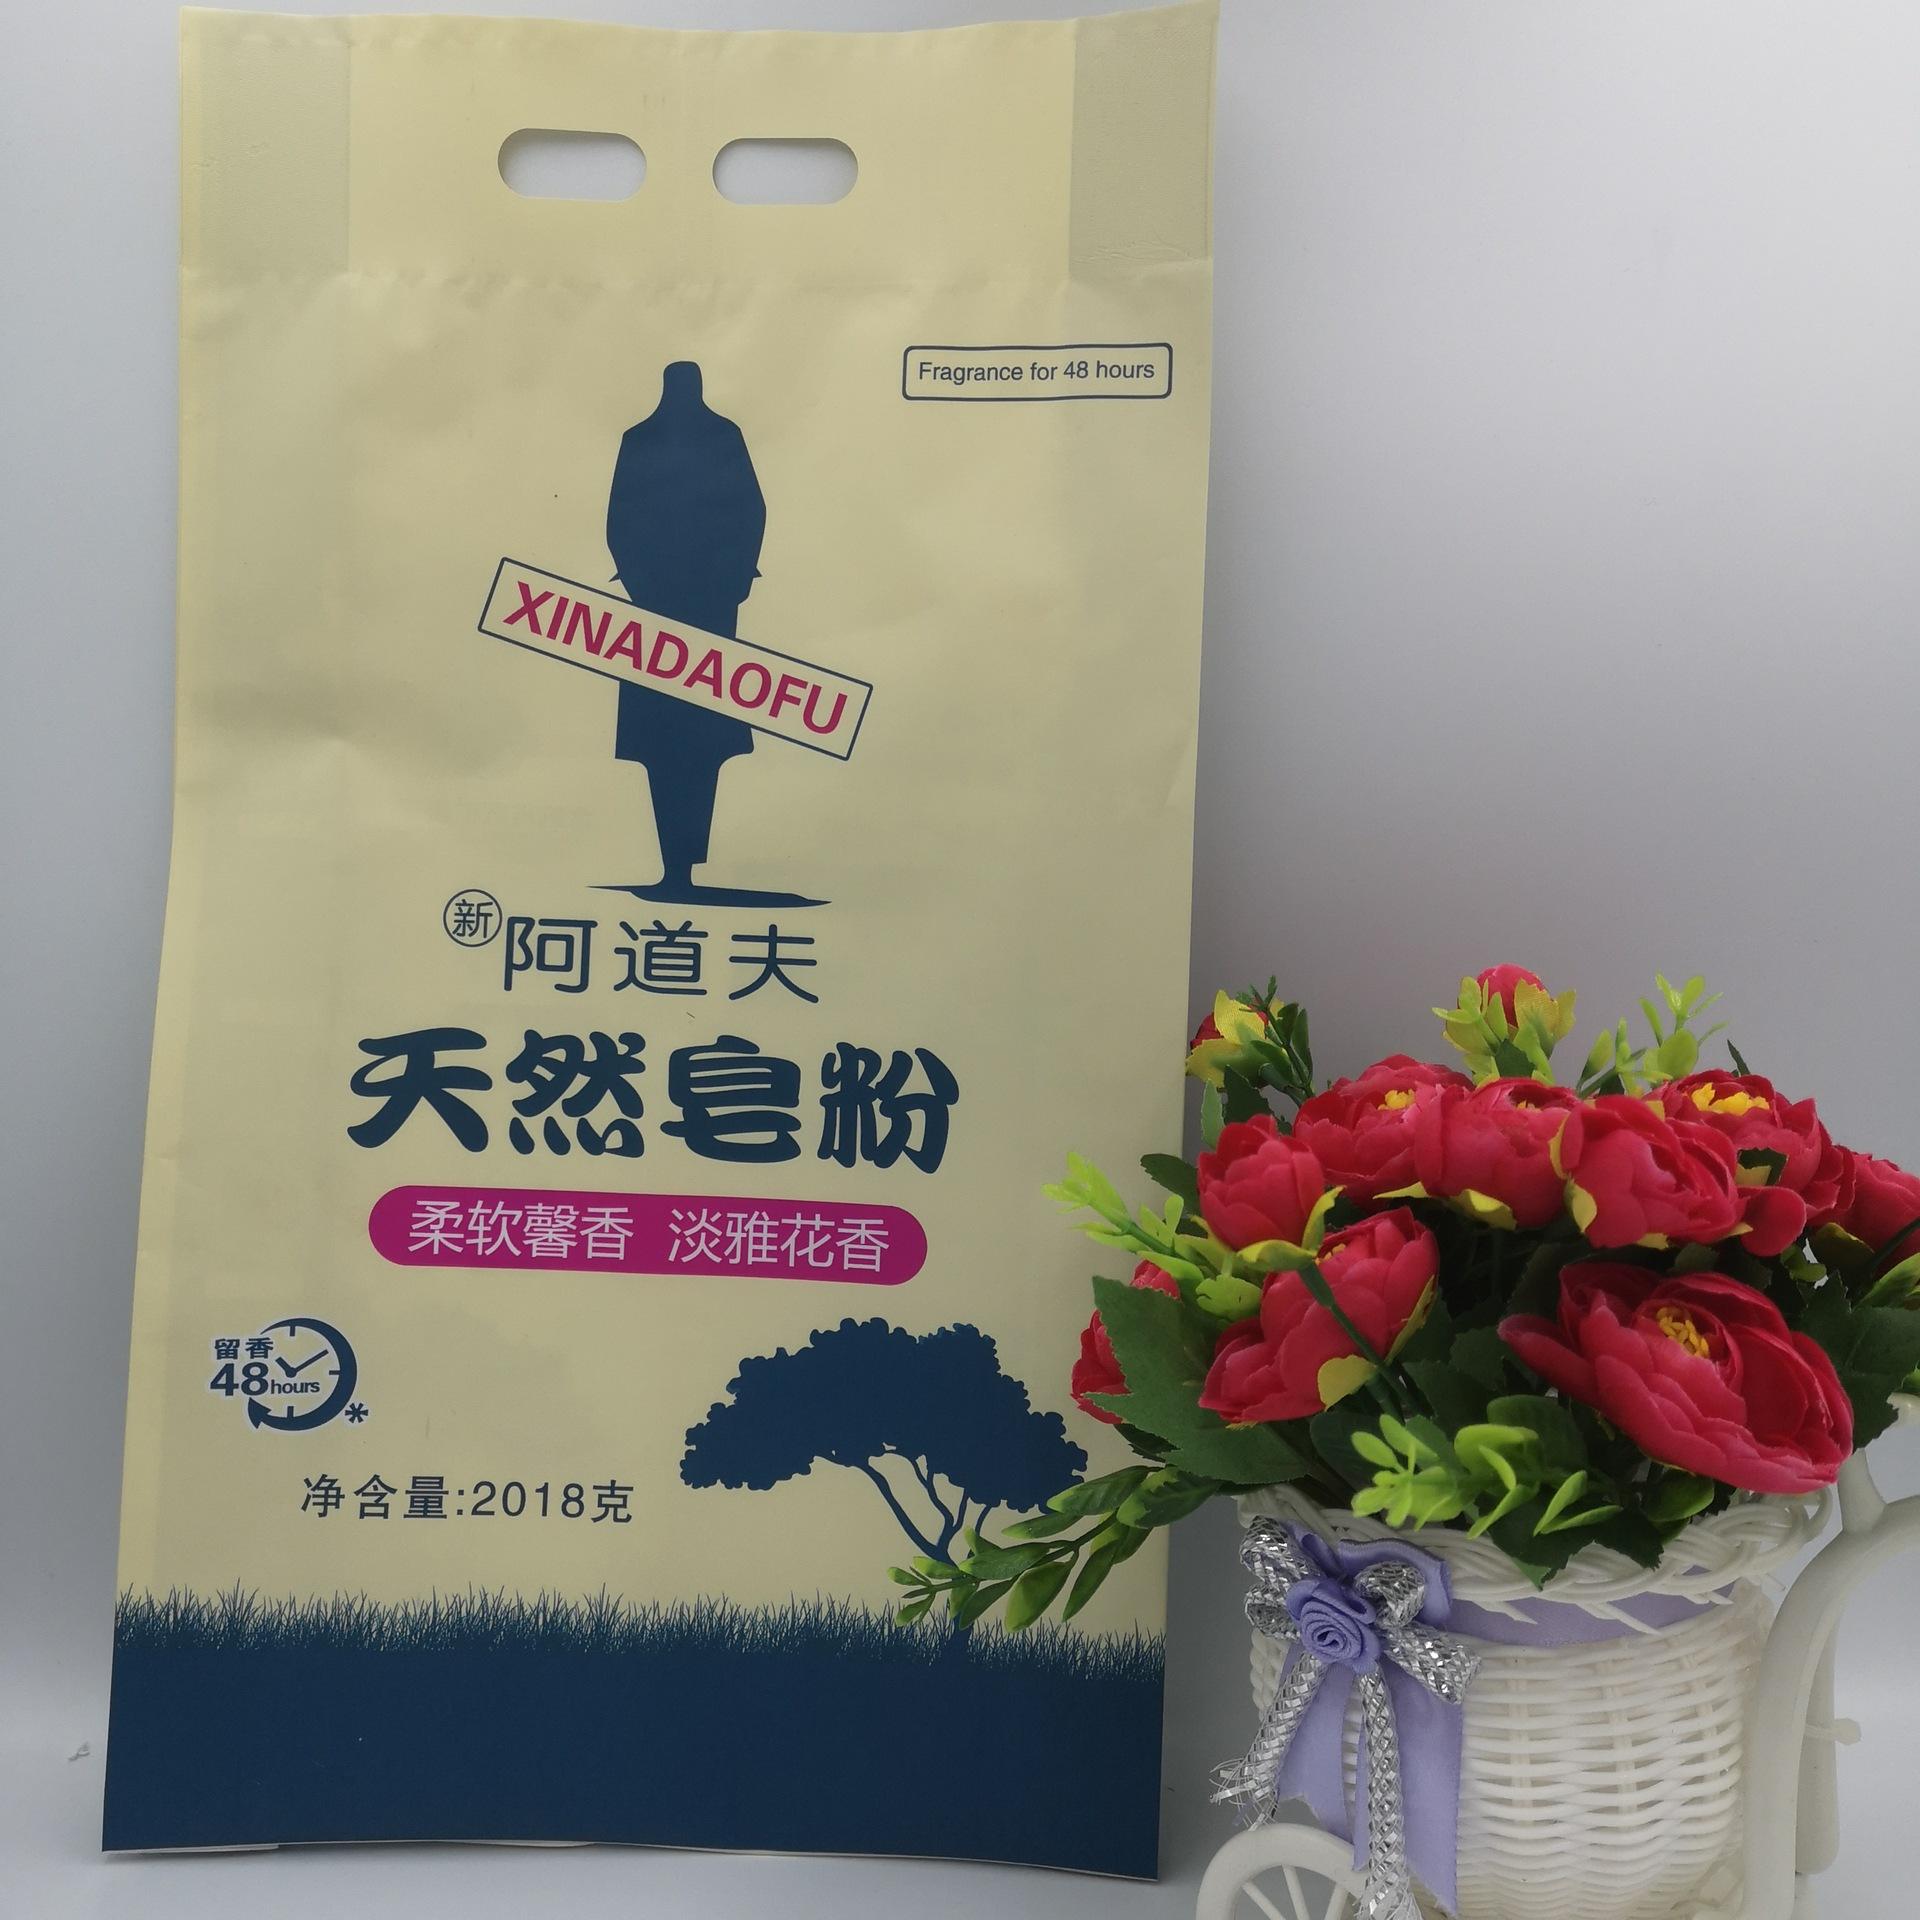 厂家直销 现货供应 洗衣粉袋 塑料包装袋 规格齐全